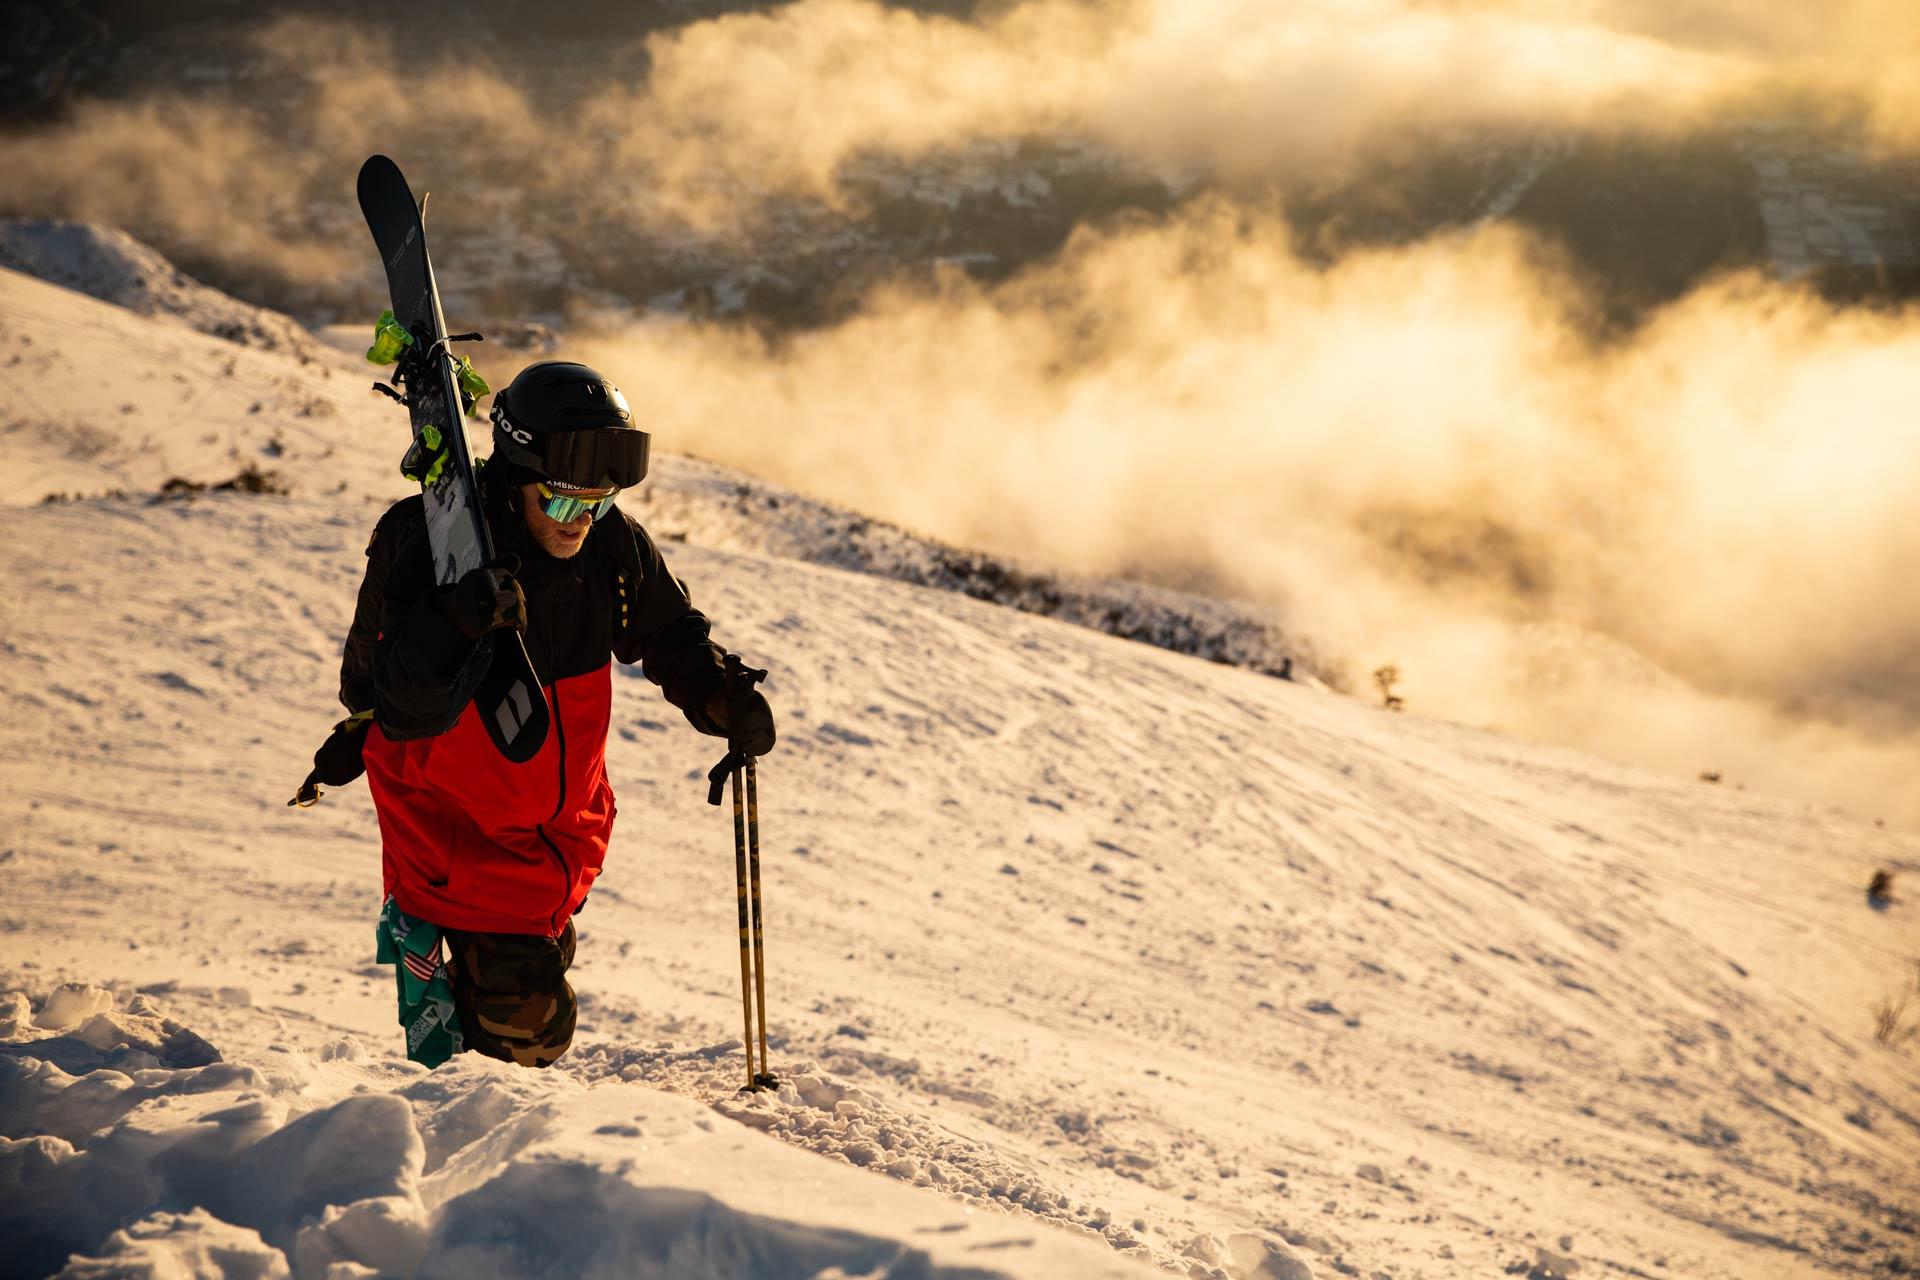 Es war ein absolut magischer Morgen in Japan vor dem Start des Contests! - Rider: Tanner Hall - Foto: freerideworldtour.com / D. Daher